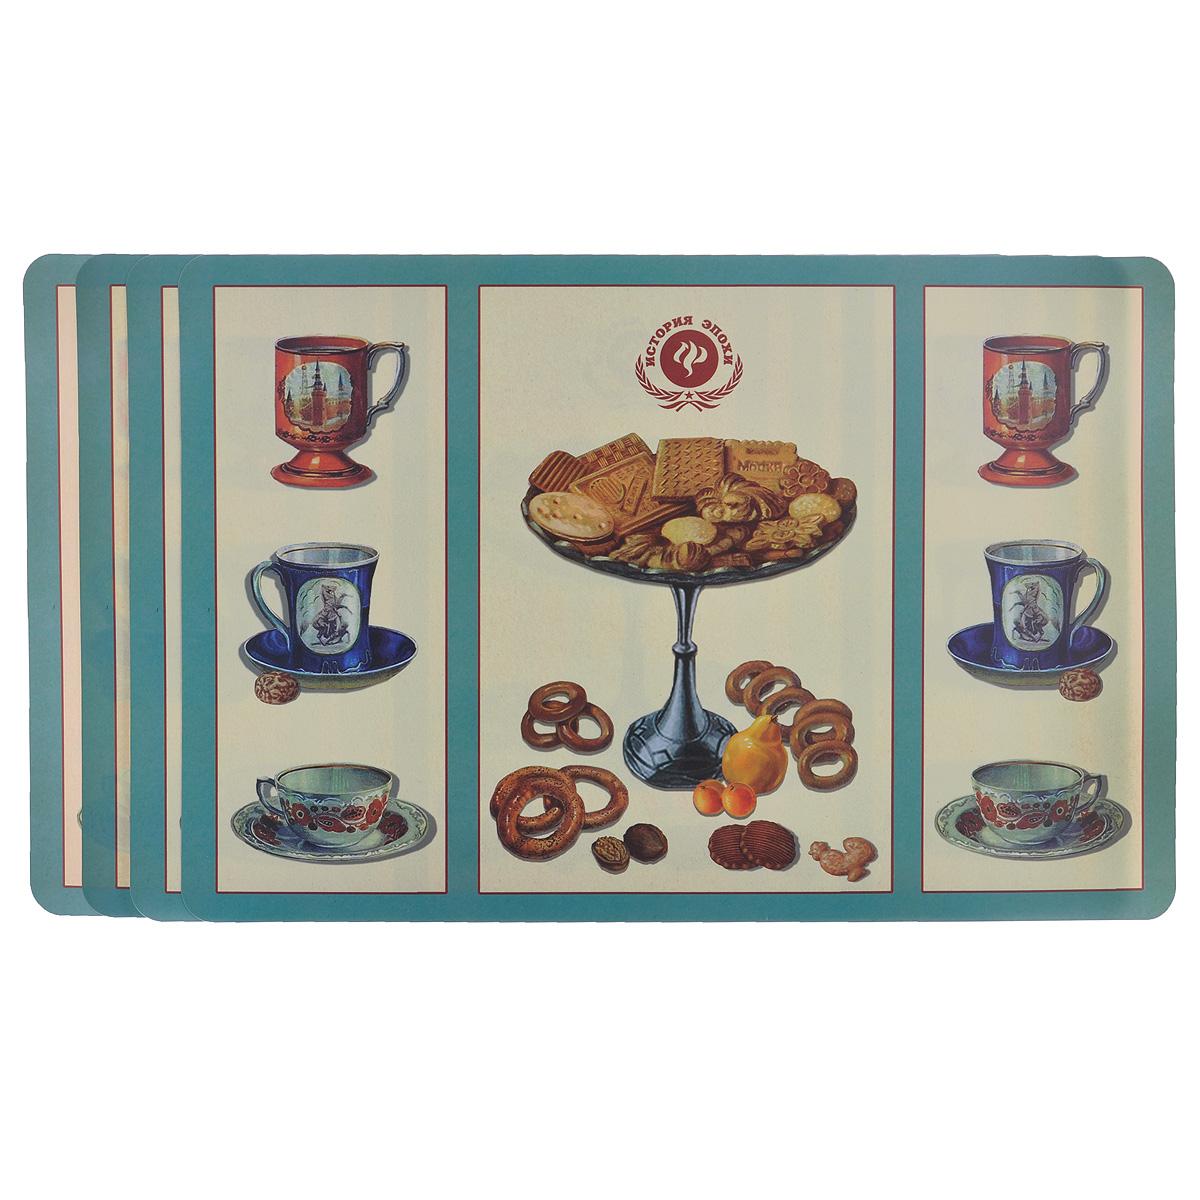 Набор подложек под столовые приборы Феникс-презент Ретро-печенья, 45 х 30 см, 4 шт набор подложек под столовые приборы феникс презент чашка чая 45 см х 30 см 4 шт 37380